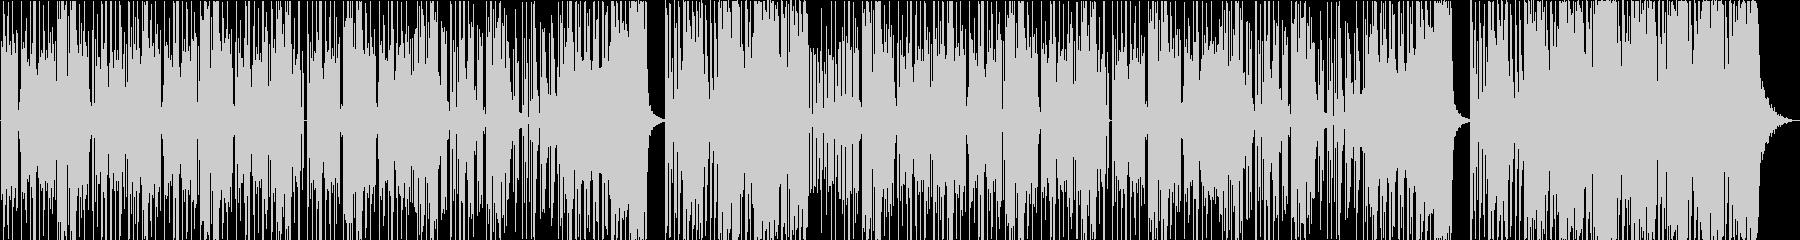 クールなテクノ 【vocal なし】の未再生の波形